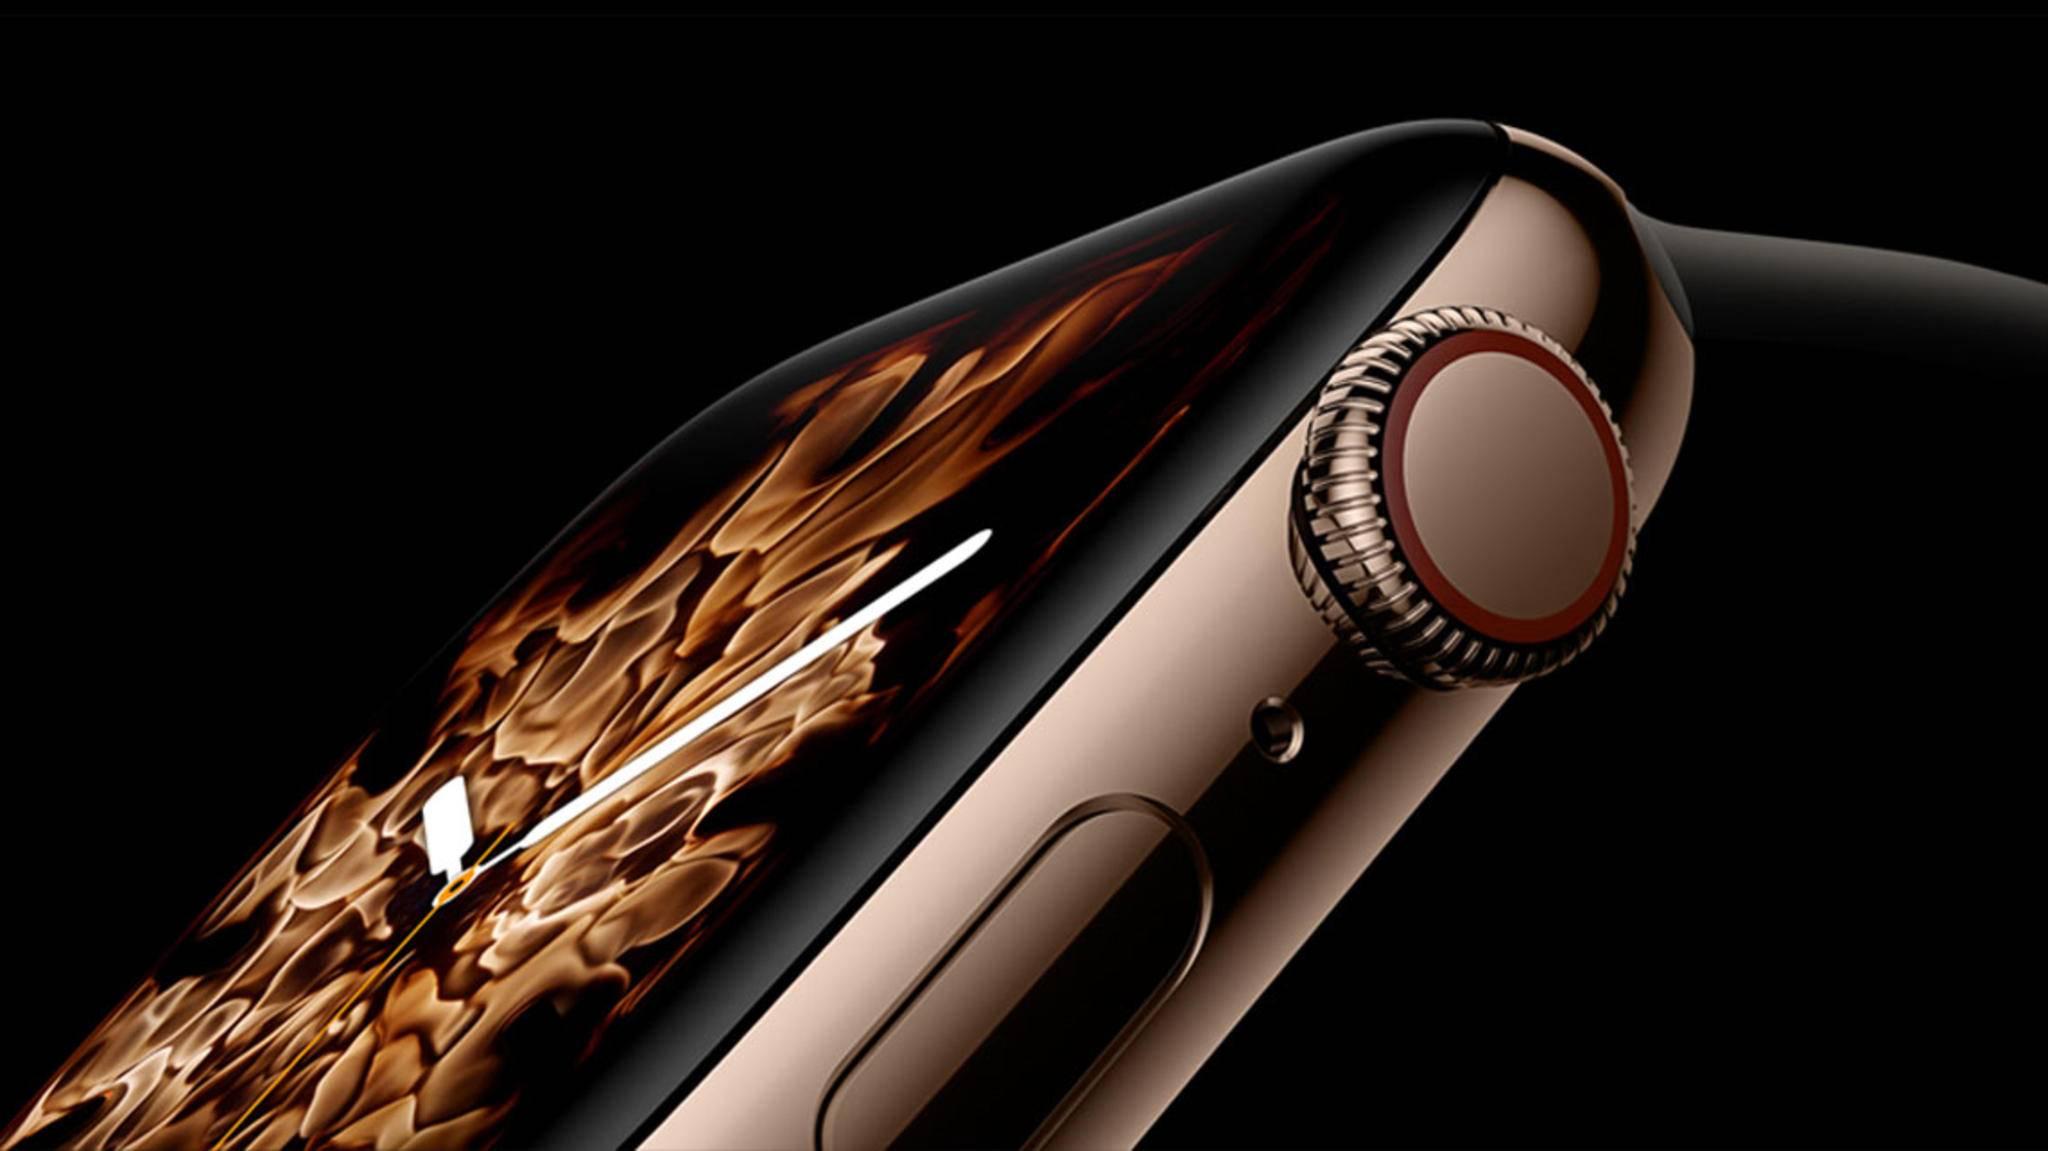 Die Digital Crown verfügt über haptisches Feedback – nur einer von vielen Punkten, in denen sich die neue Apple Watch von der Vorgängerversion unterscheidet.